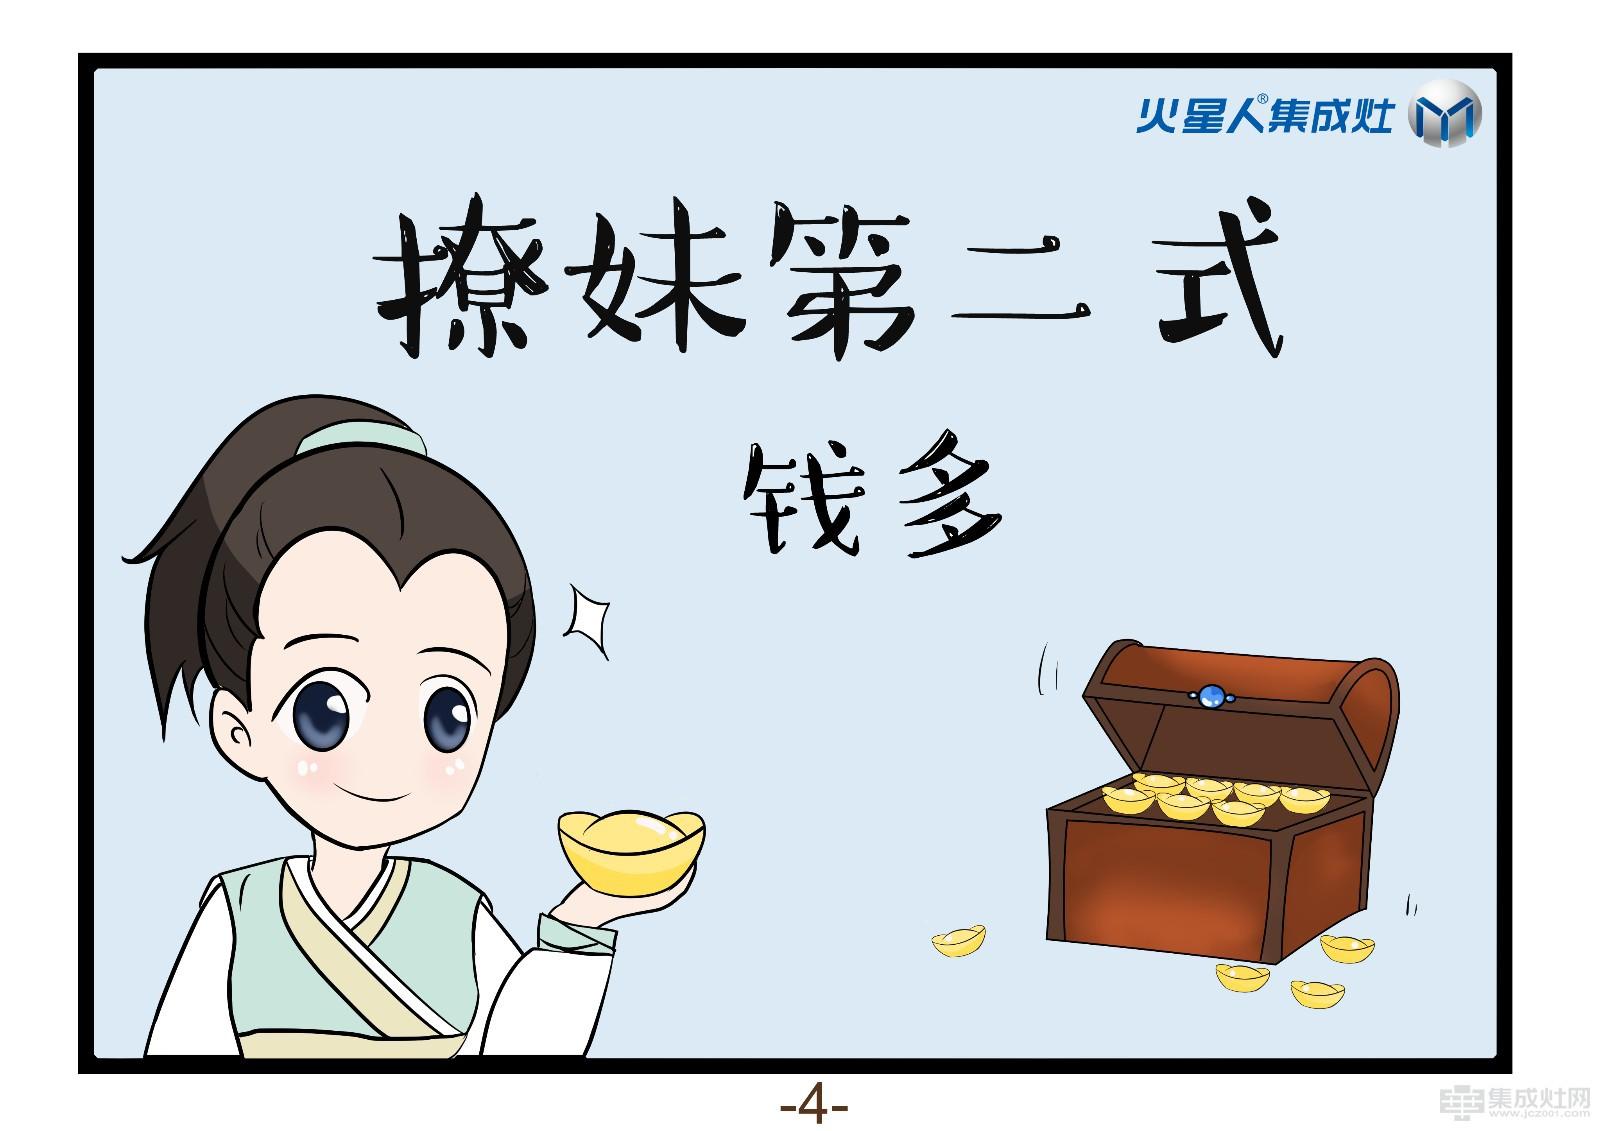 logo素材黄蓉卡通